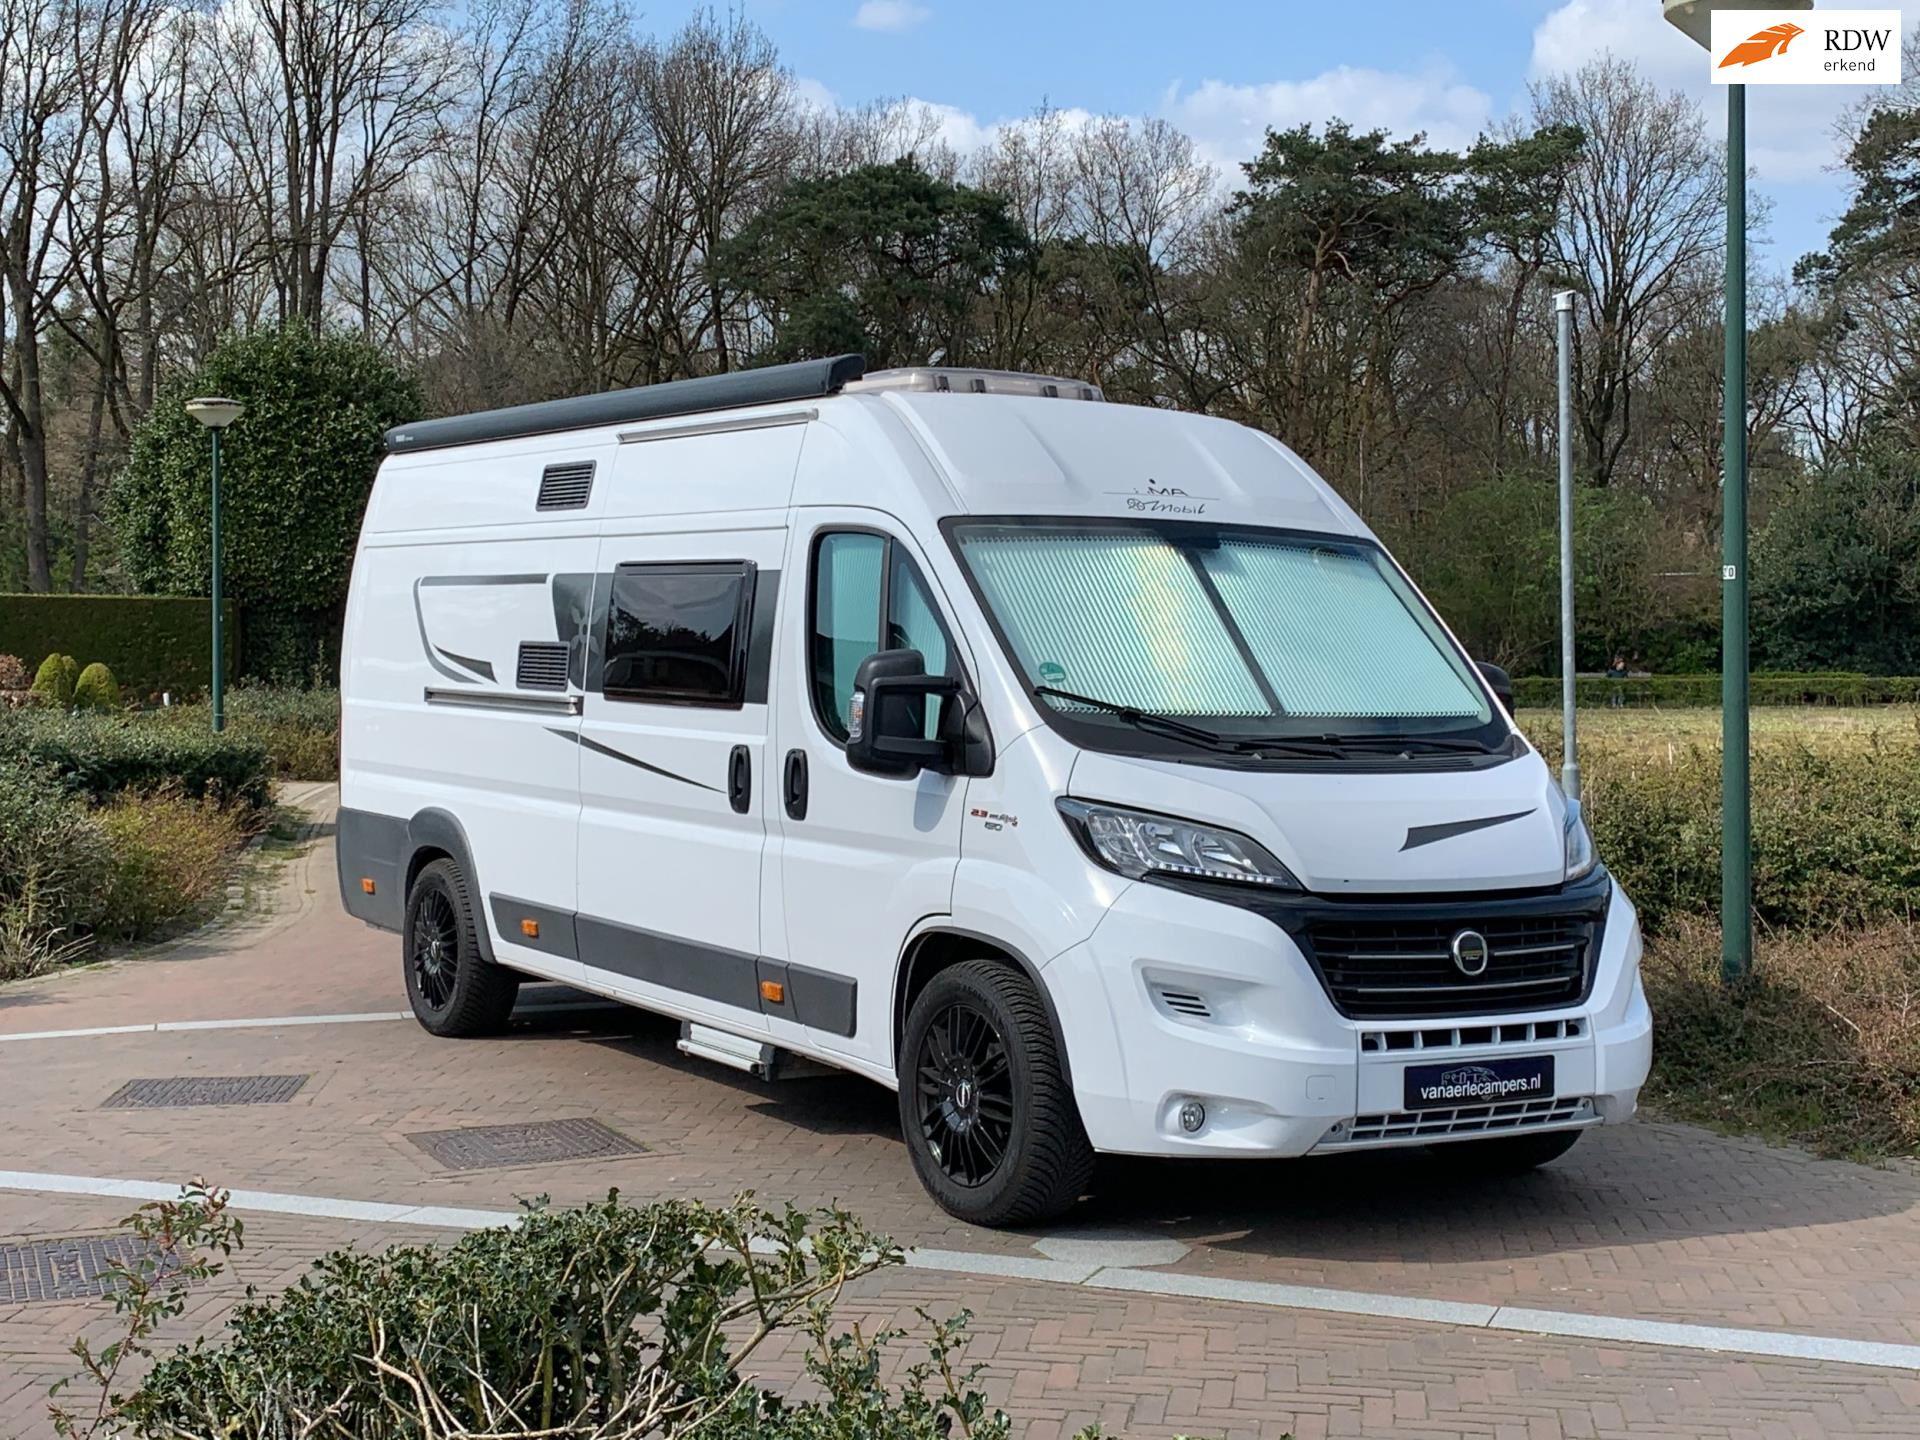 Karmann Davis Glam 640-Enkele bedden-150Pk-2018-Nieuwstaat occasion - Eric van Aerle Auto's